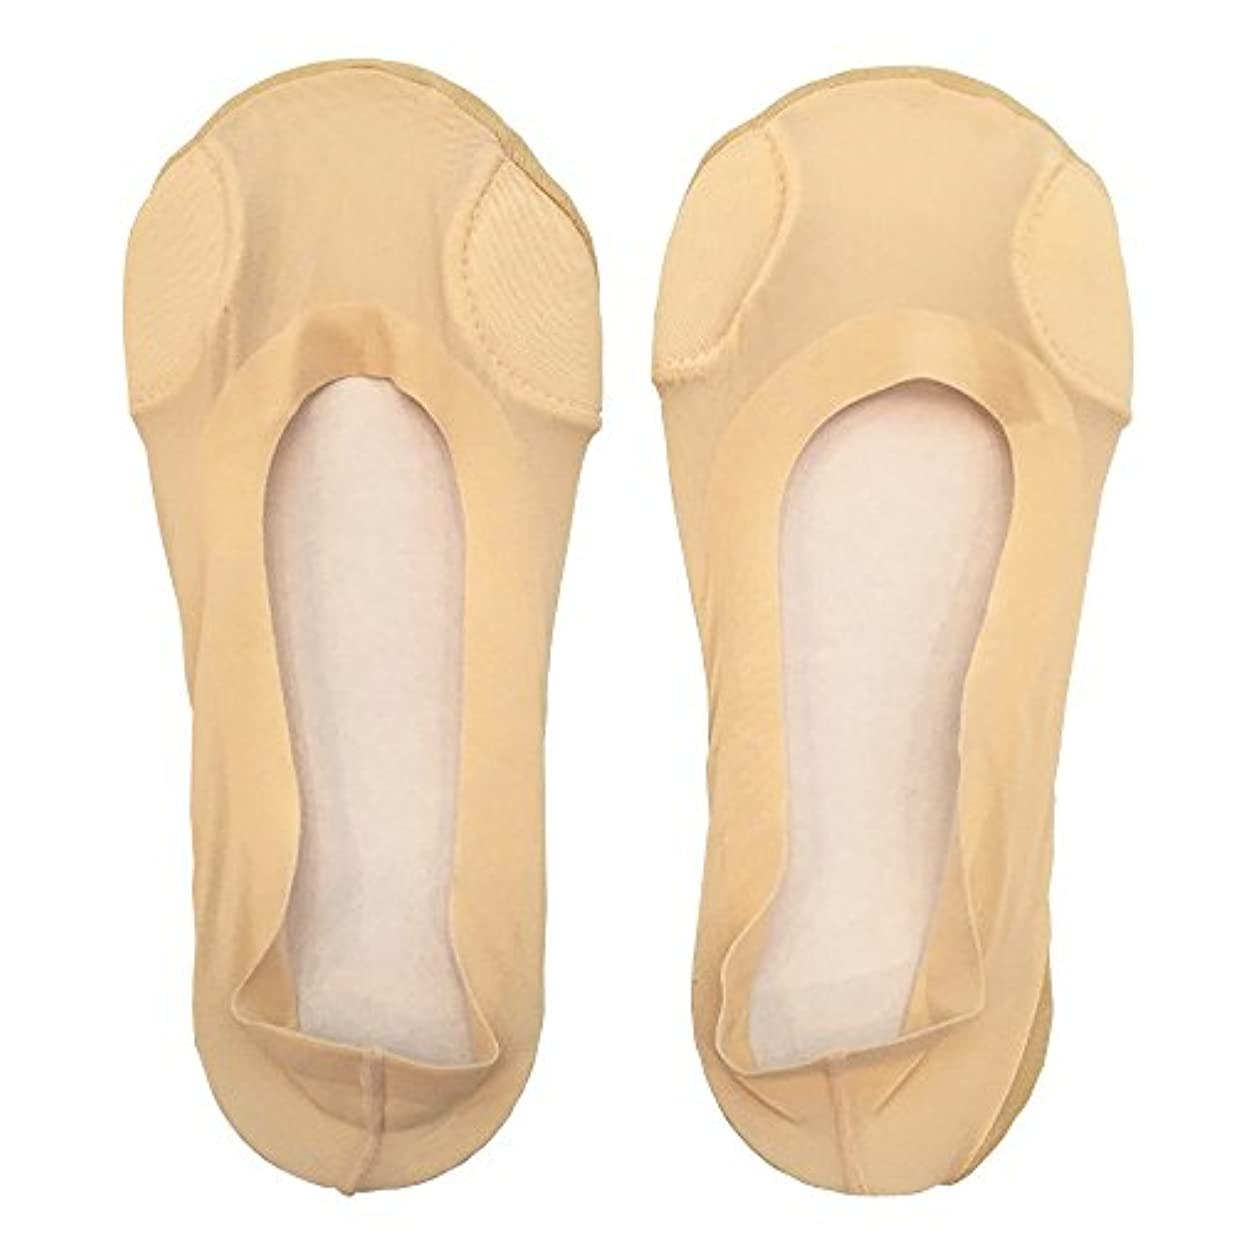 相談するムス神話DrScholl(ドクターショール)靴ずれ防止フットカバー 指両側クッション付き 8805DR-80 ベージュ